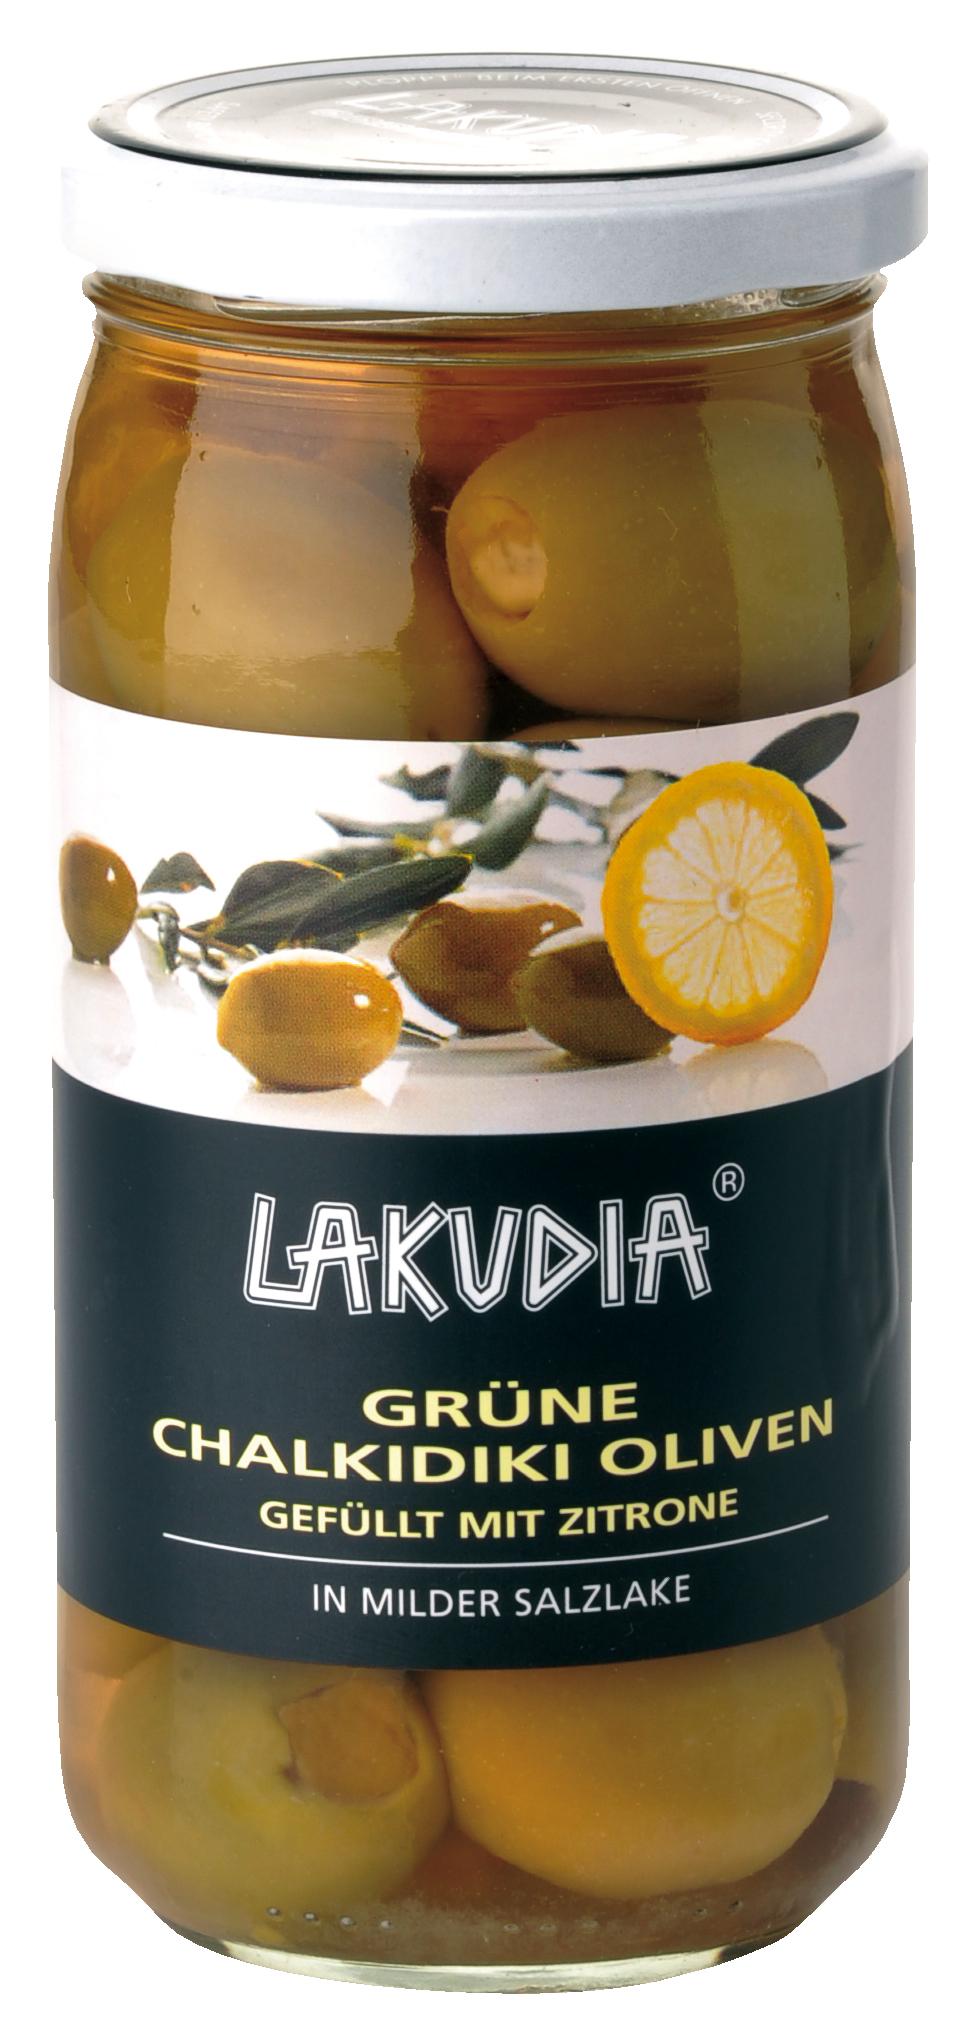 Grüne Chalkidiki Oliven gefüllt mit Zitrone